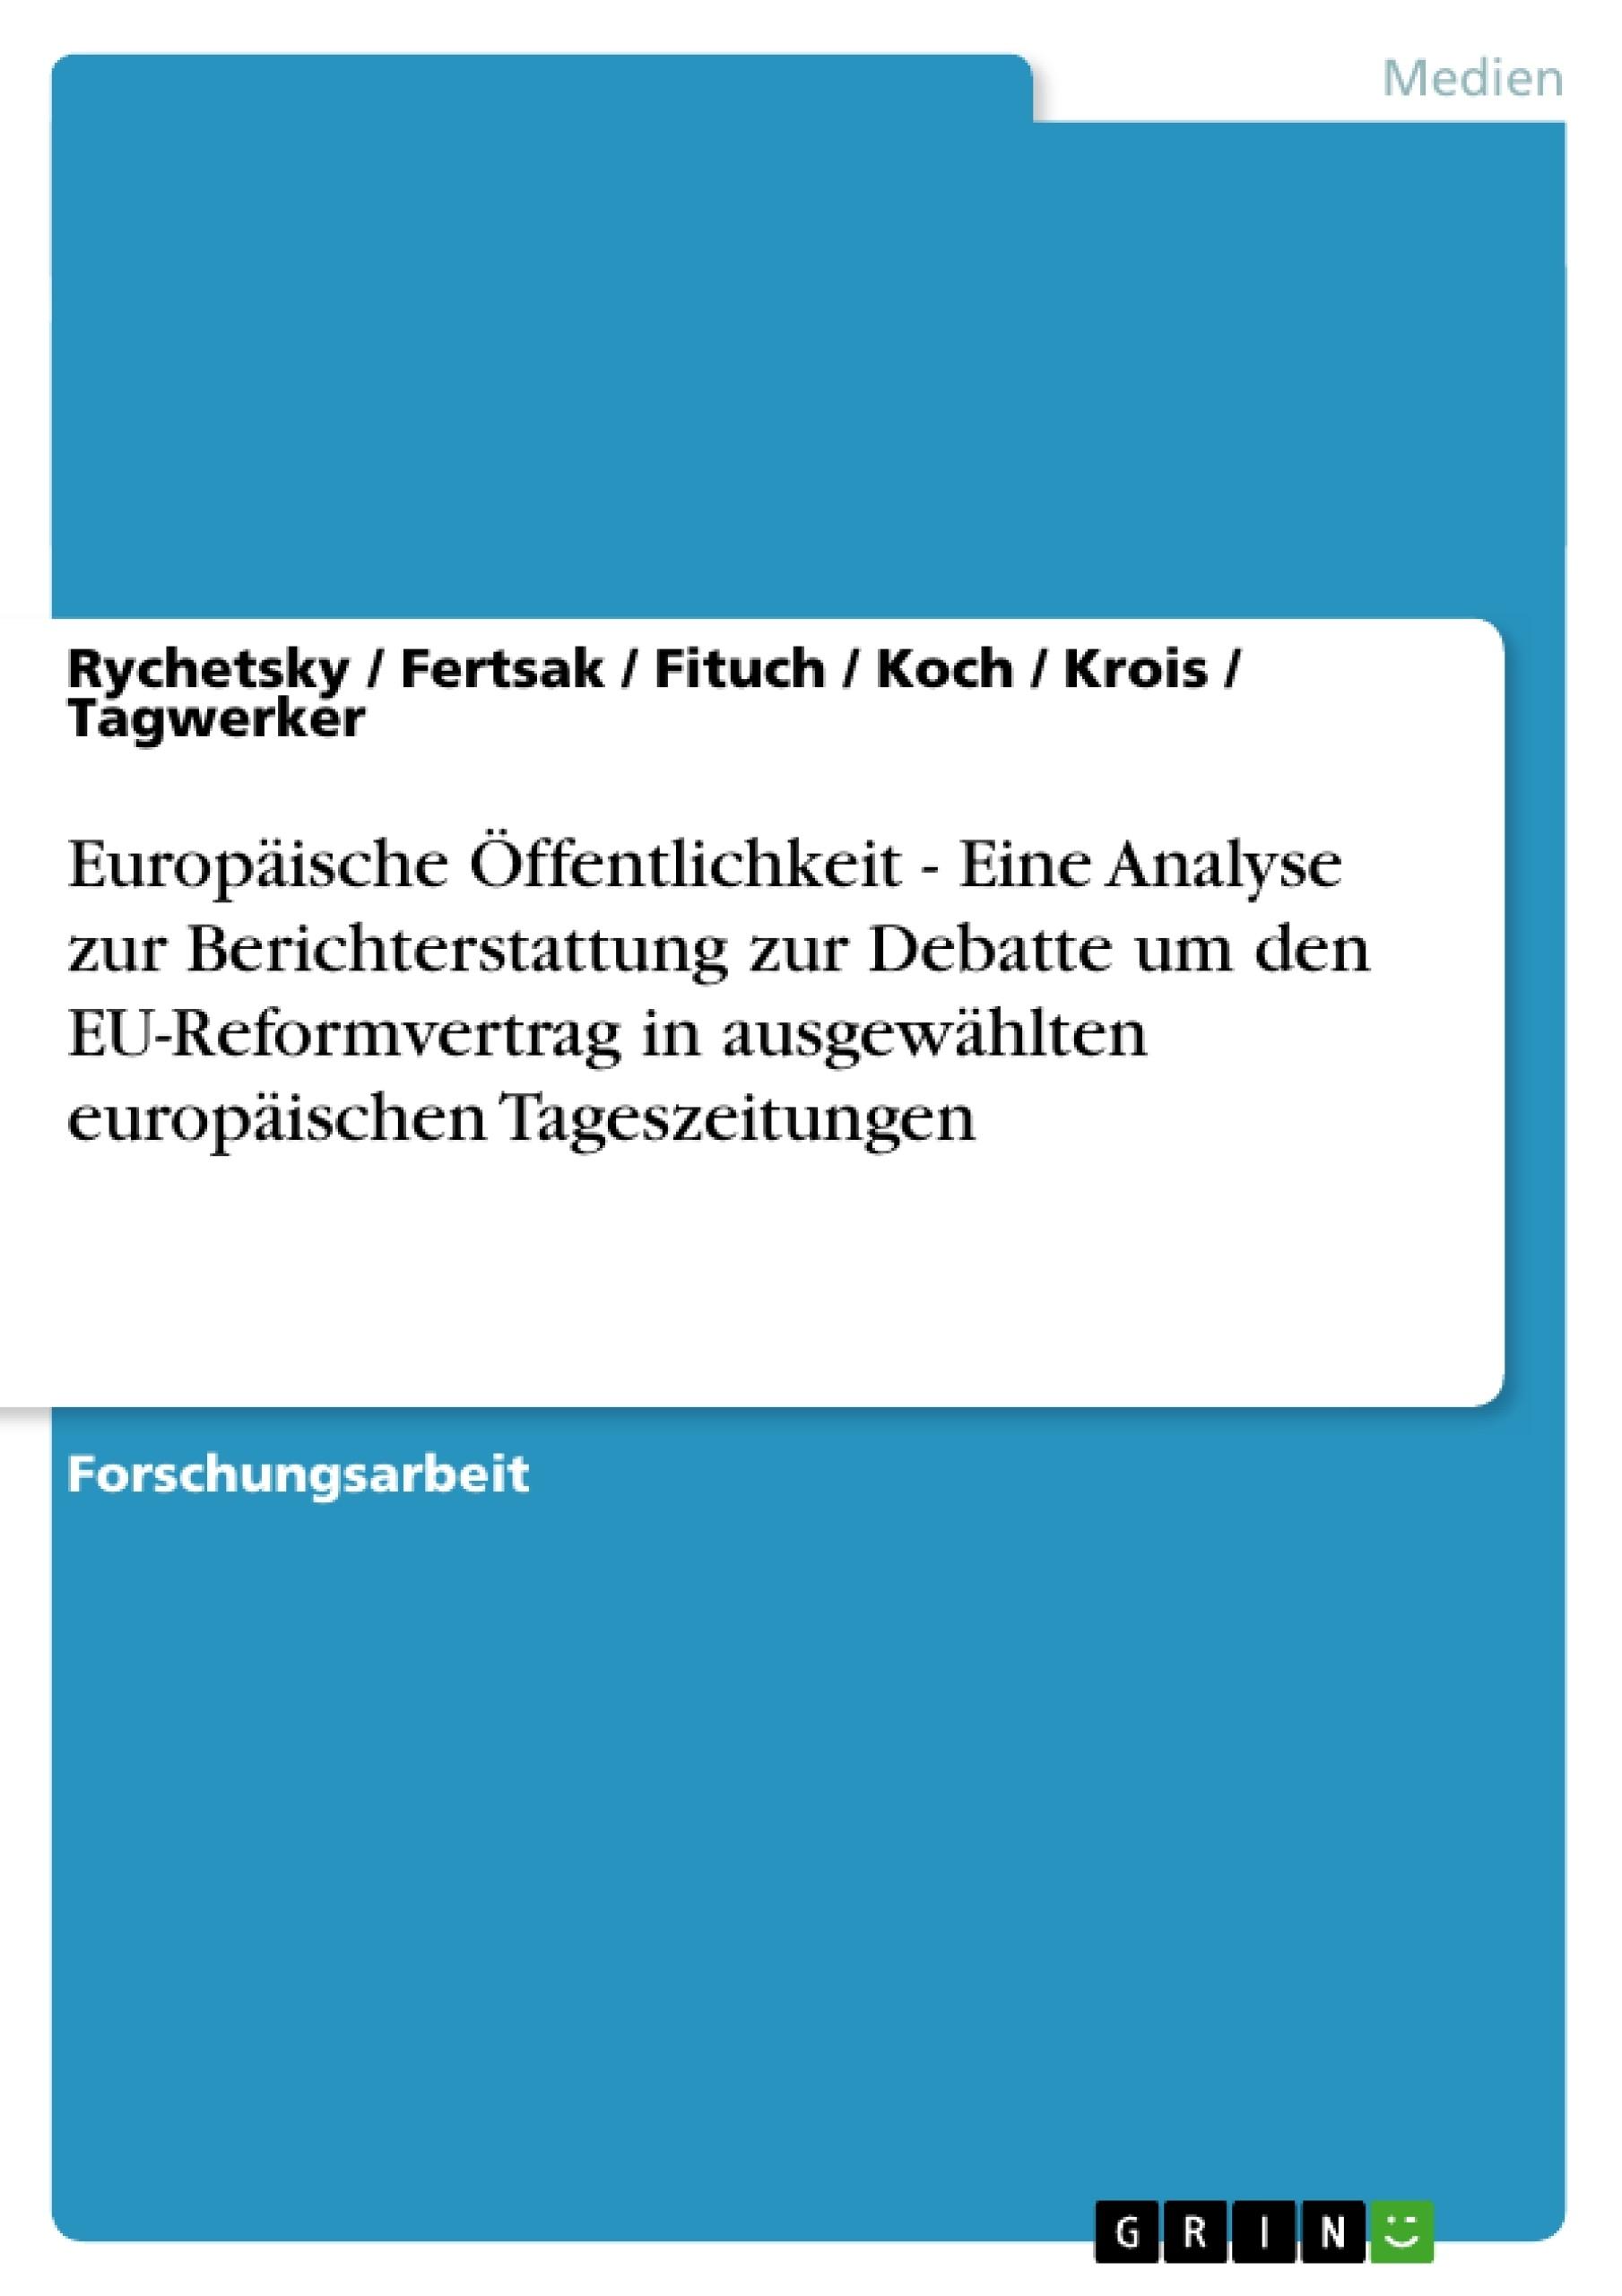 Titel: Europäische Öffentlichkeit - Eine Analyse zur Berichterstattung zur Debatte um den EU-Reformvertrag in ausgewählten europäischen Tageszeitungen